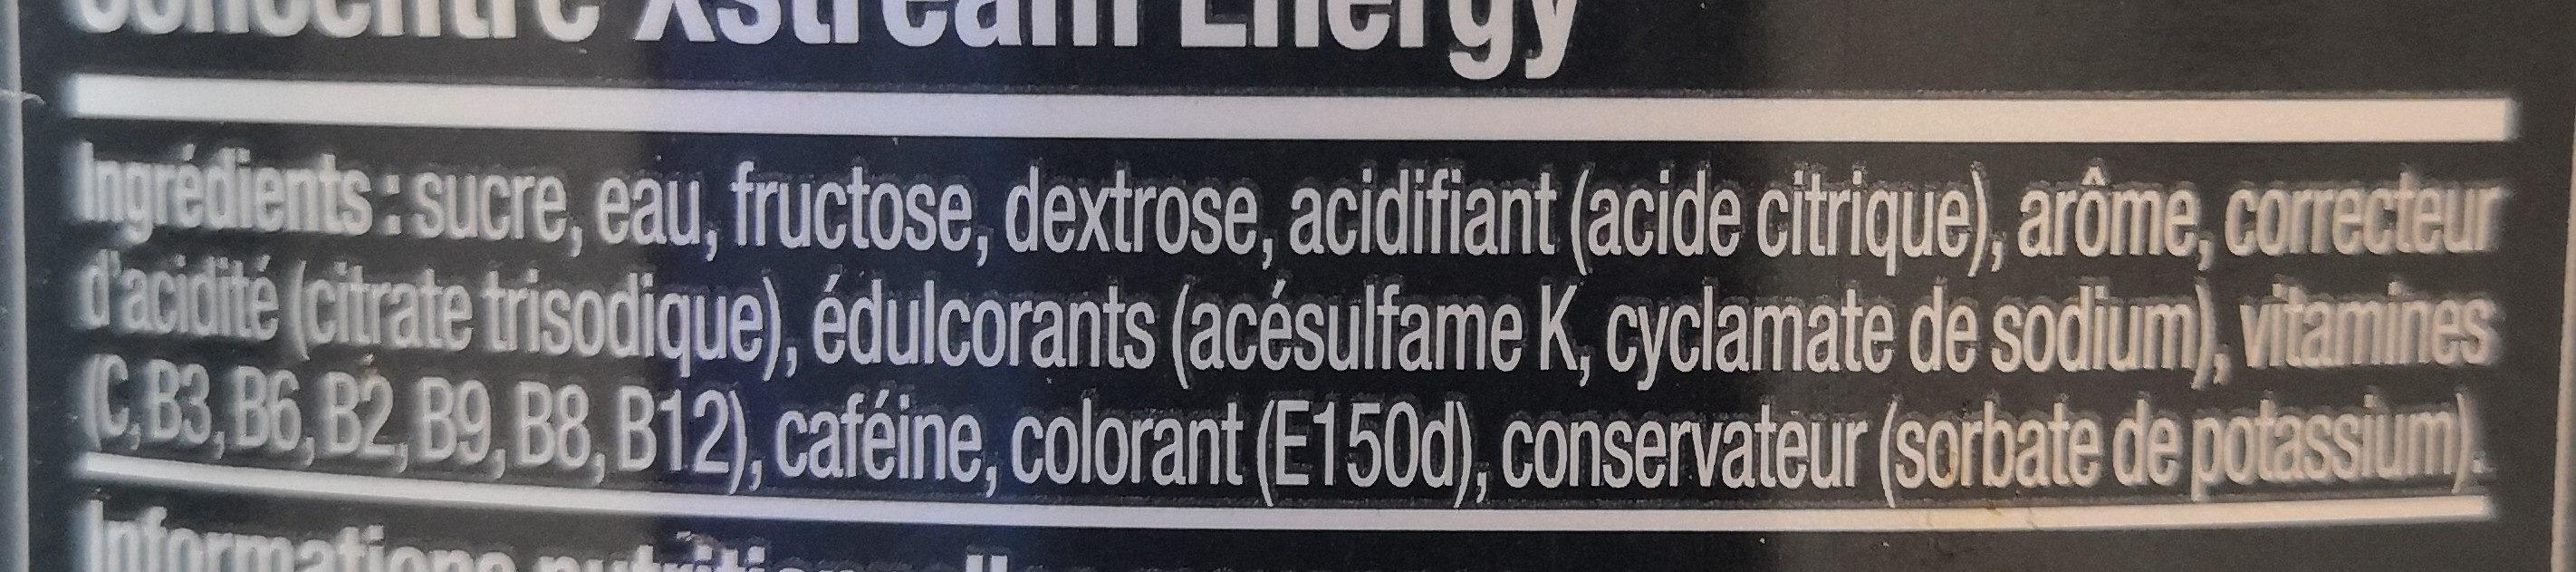 Concentré Xstream Energy - Ingrédients - fr